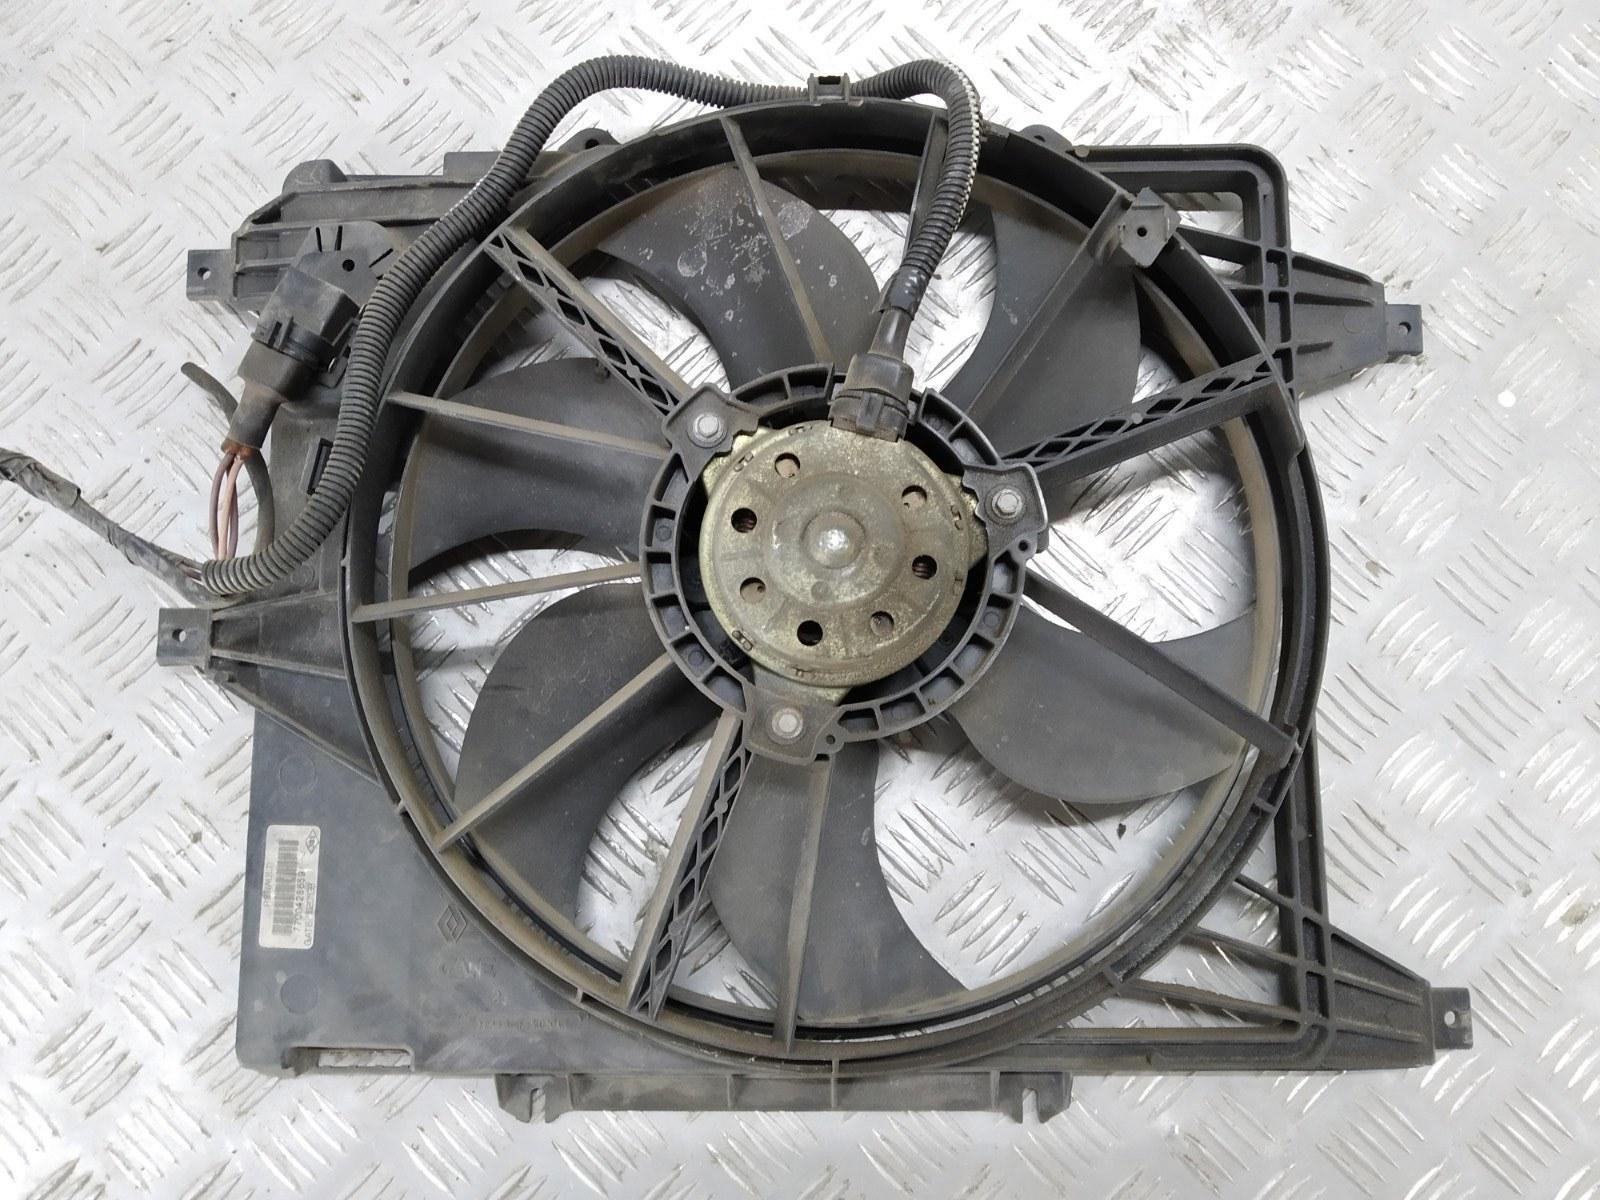 Вентилятор радиатора Renault Clio 1.4 I 2003 (б/у)